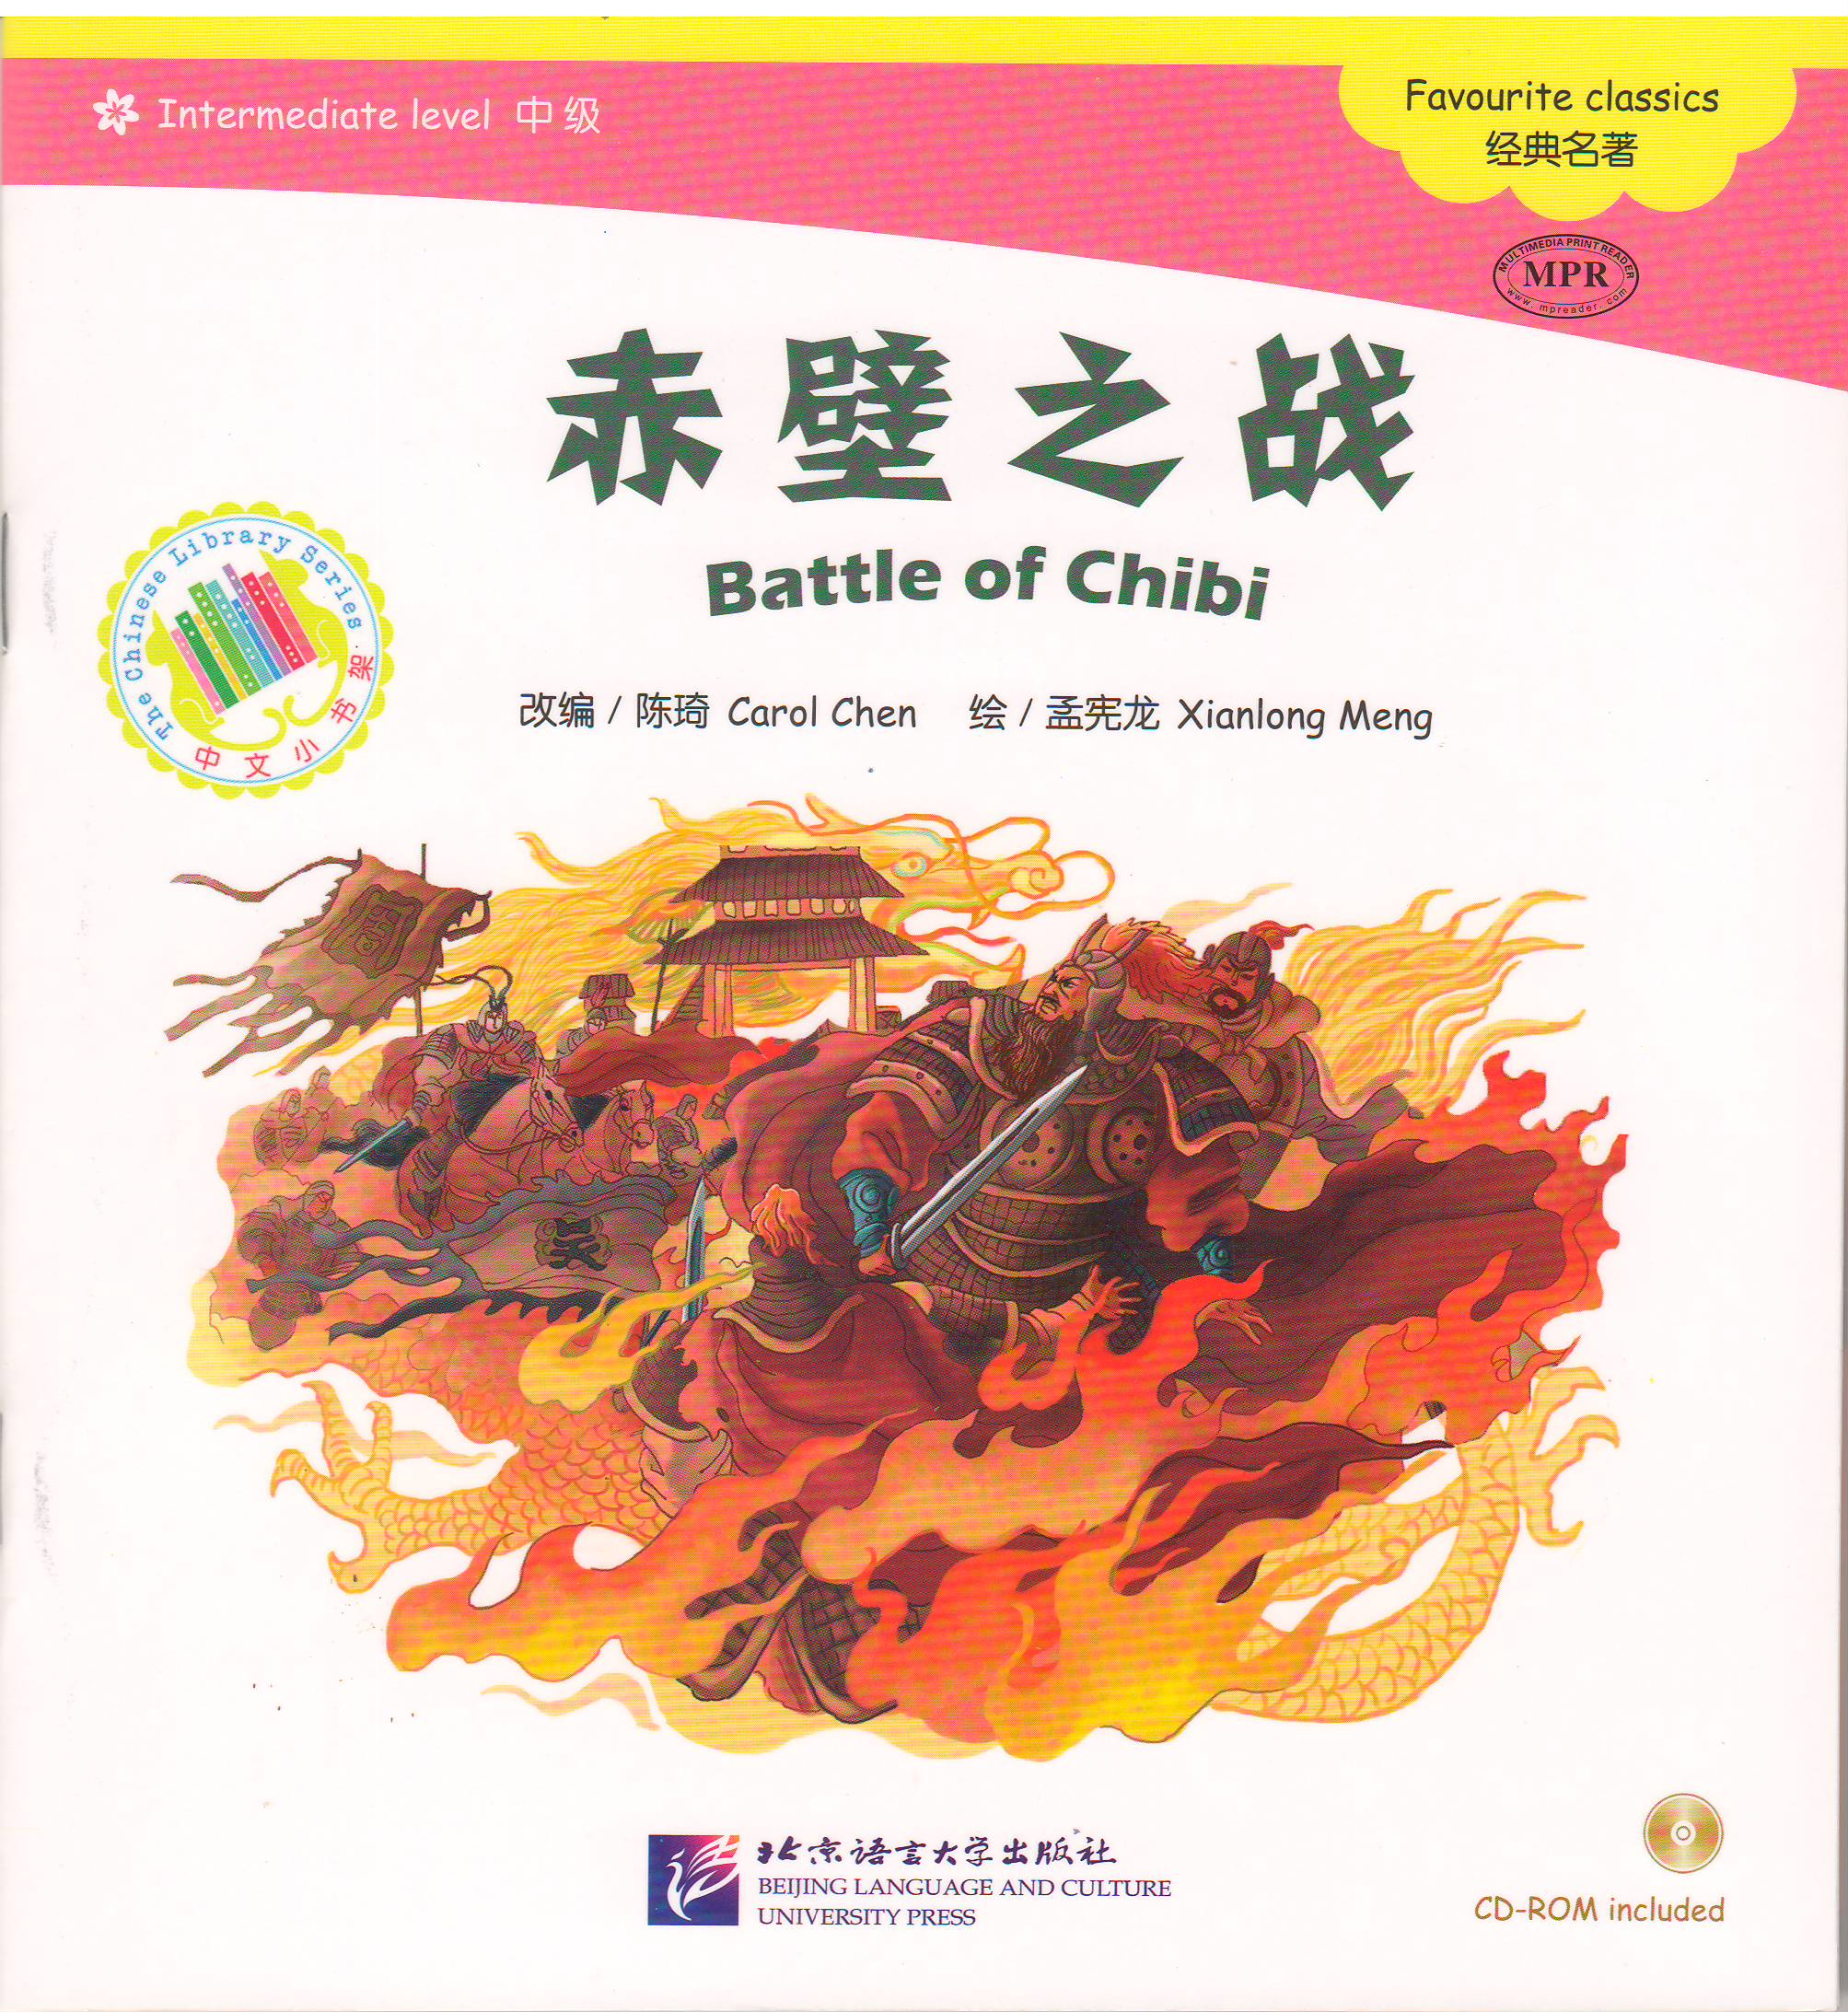 นิทานสามก๊ก ตอนเผาทัพโจโฉ (Battle of Chibi) +CD